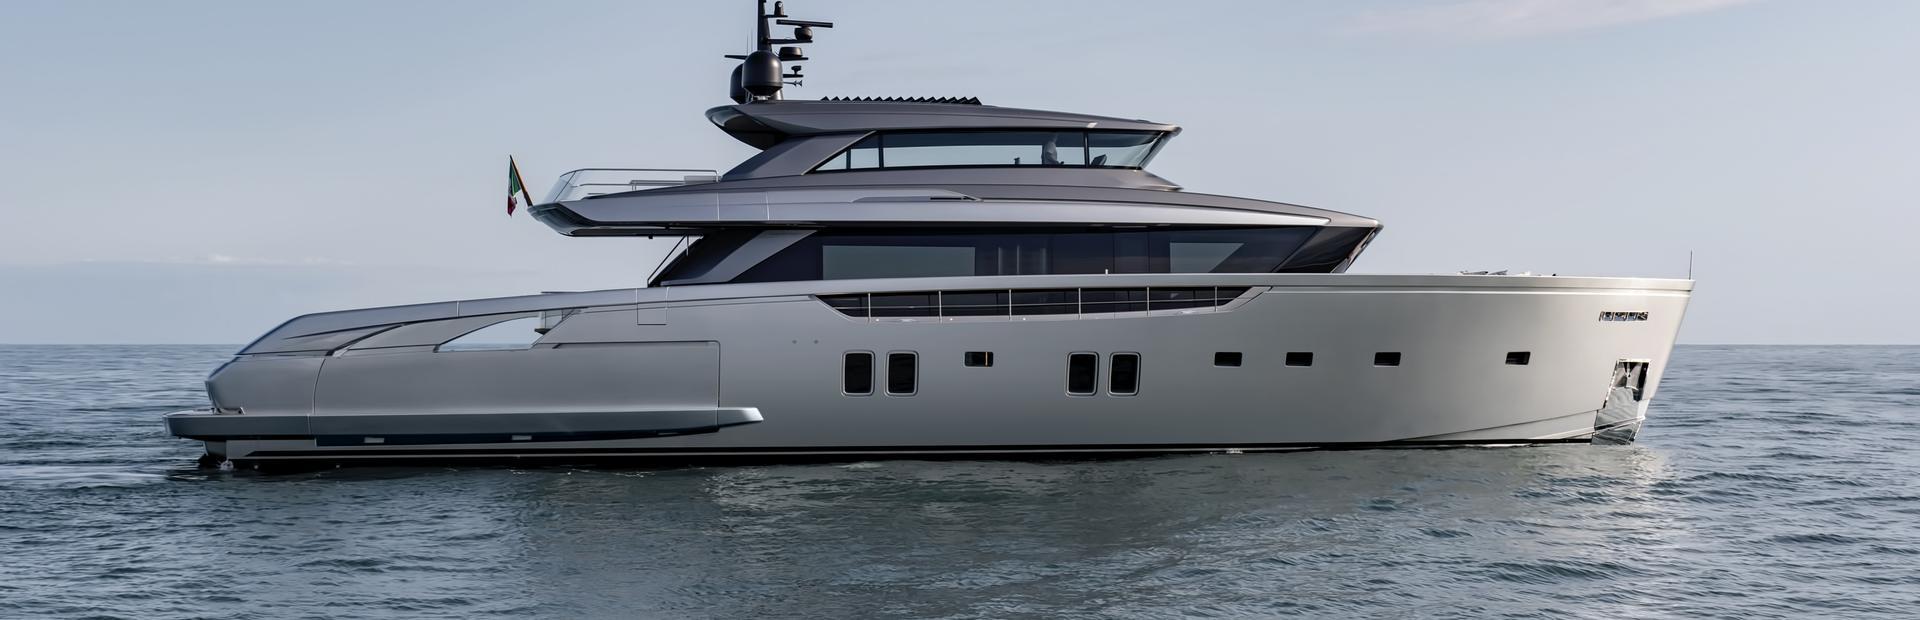 SX112 Yacht Charter